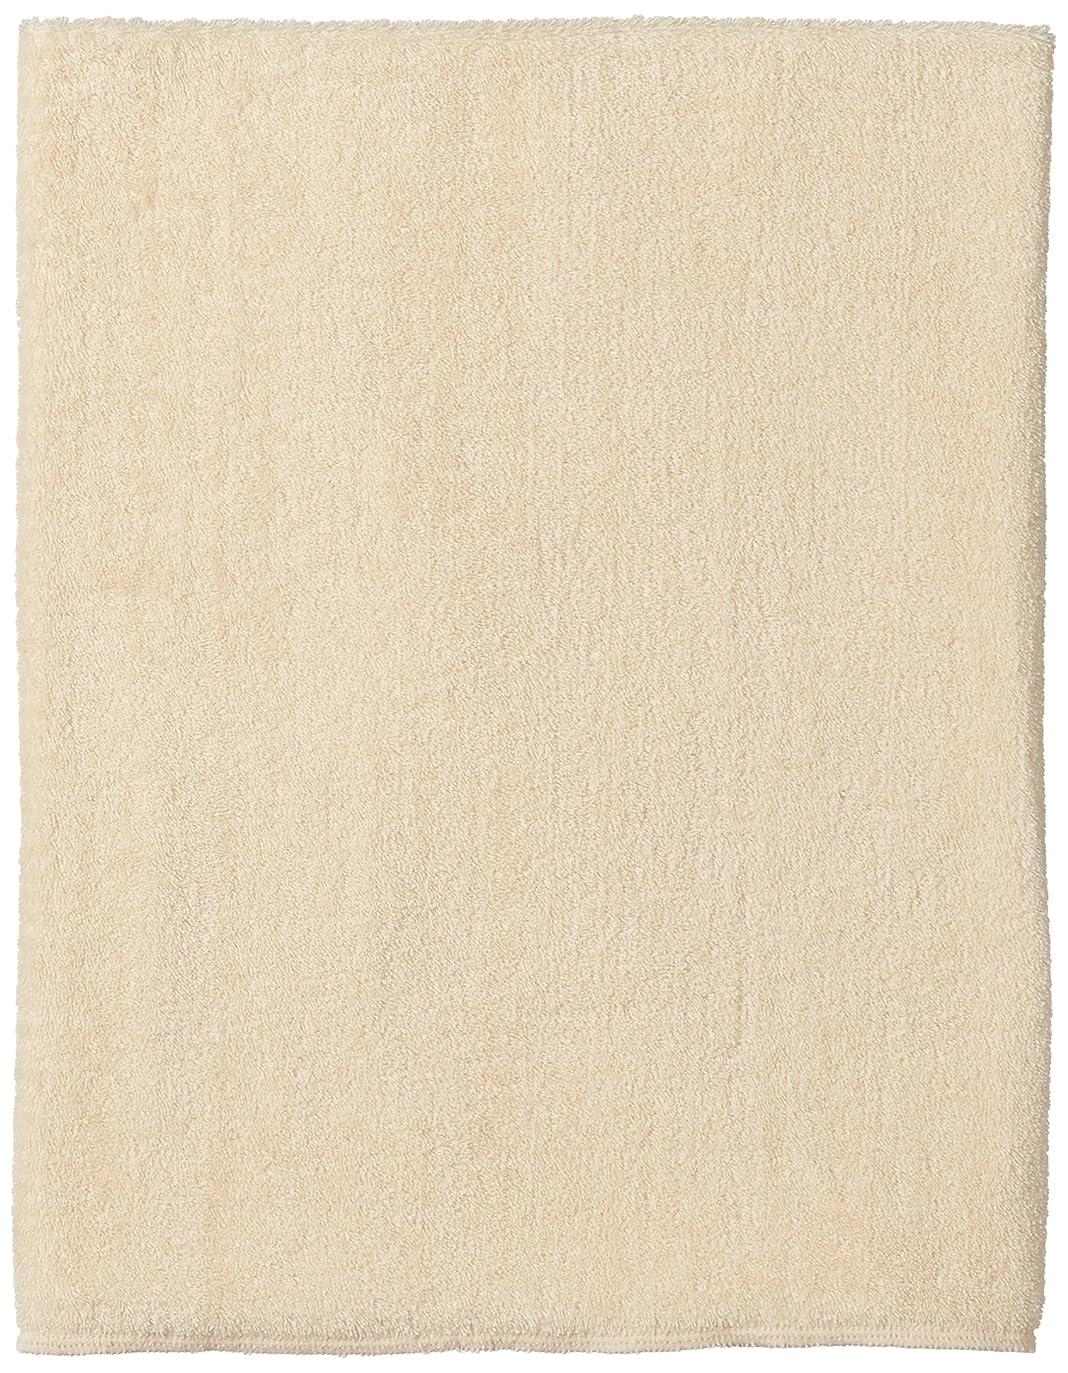 錆び不和請求書[フクスケ] 綿パイル はらまき 1枚組 メンズ